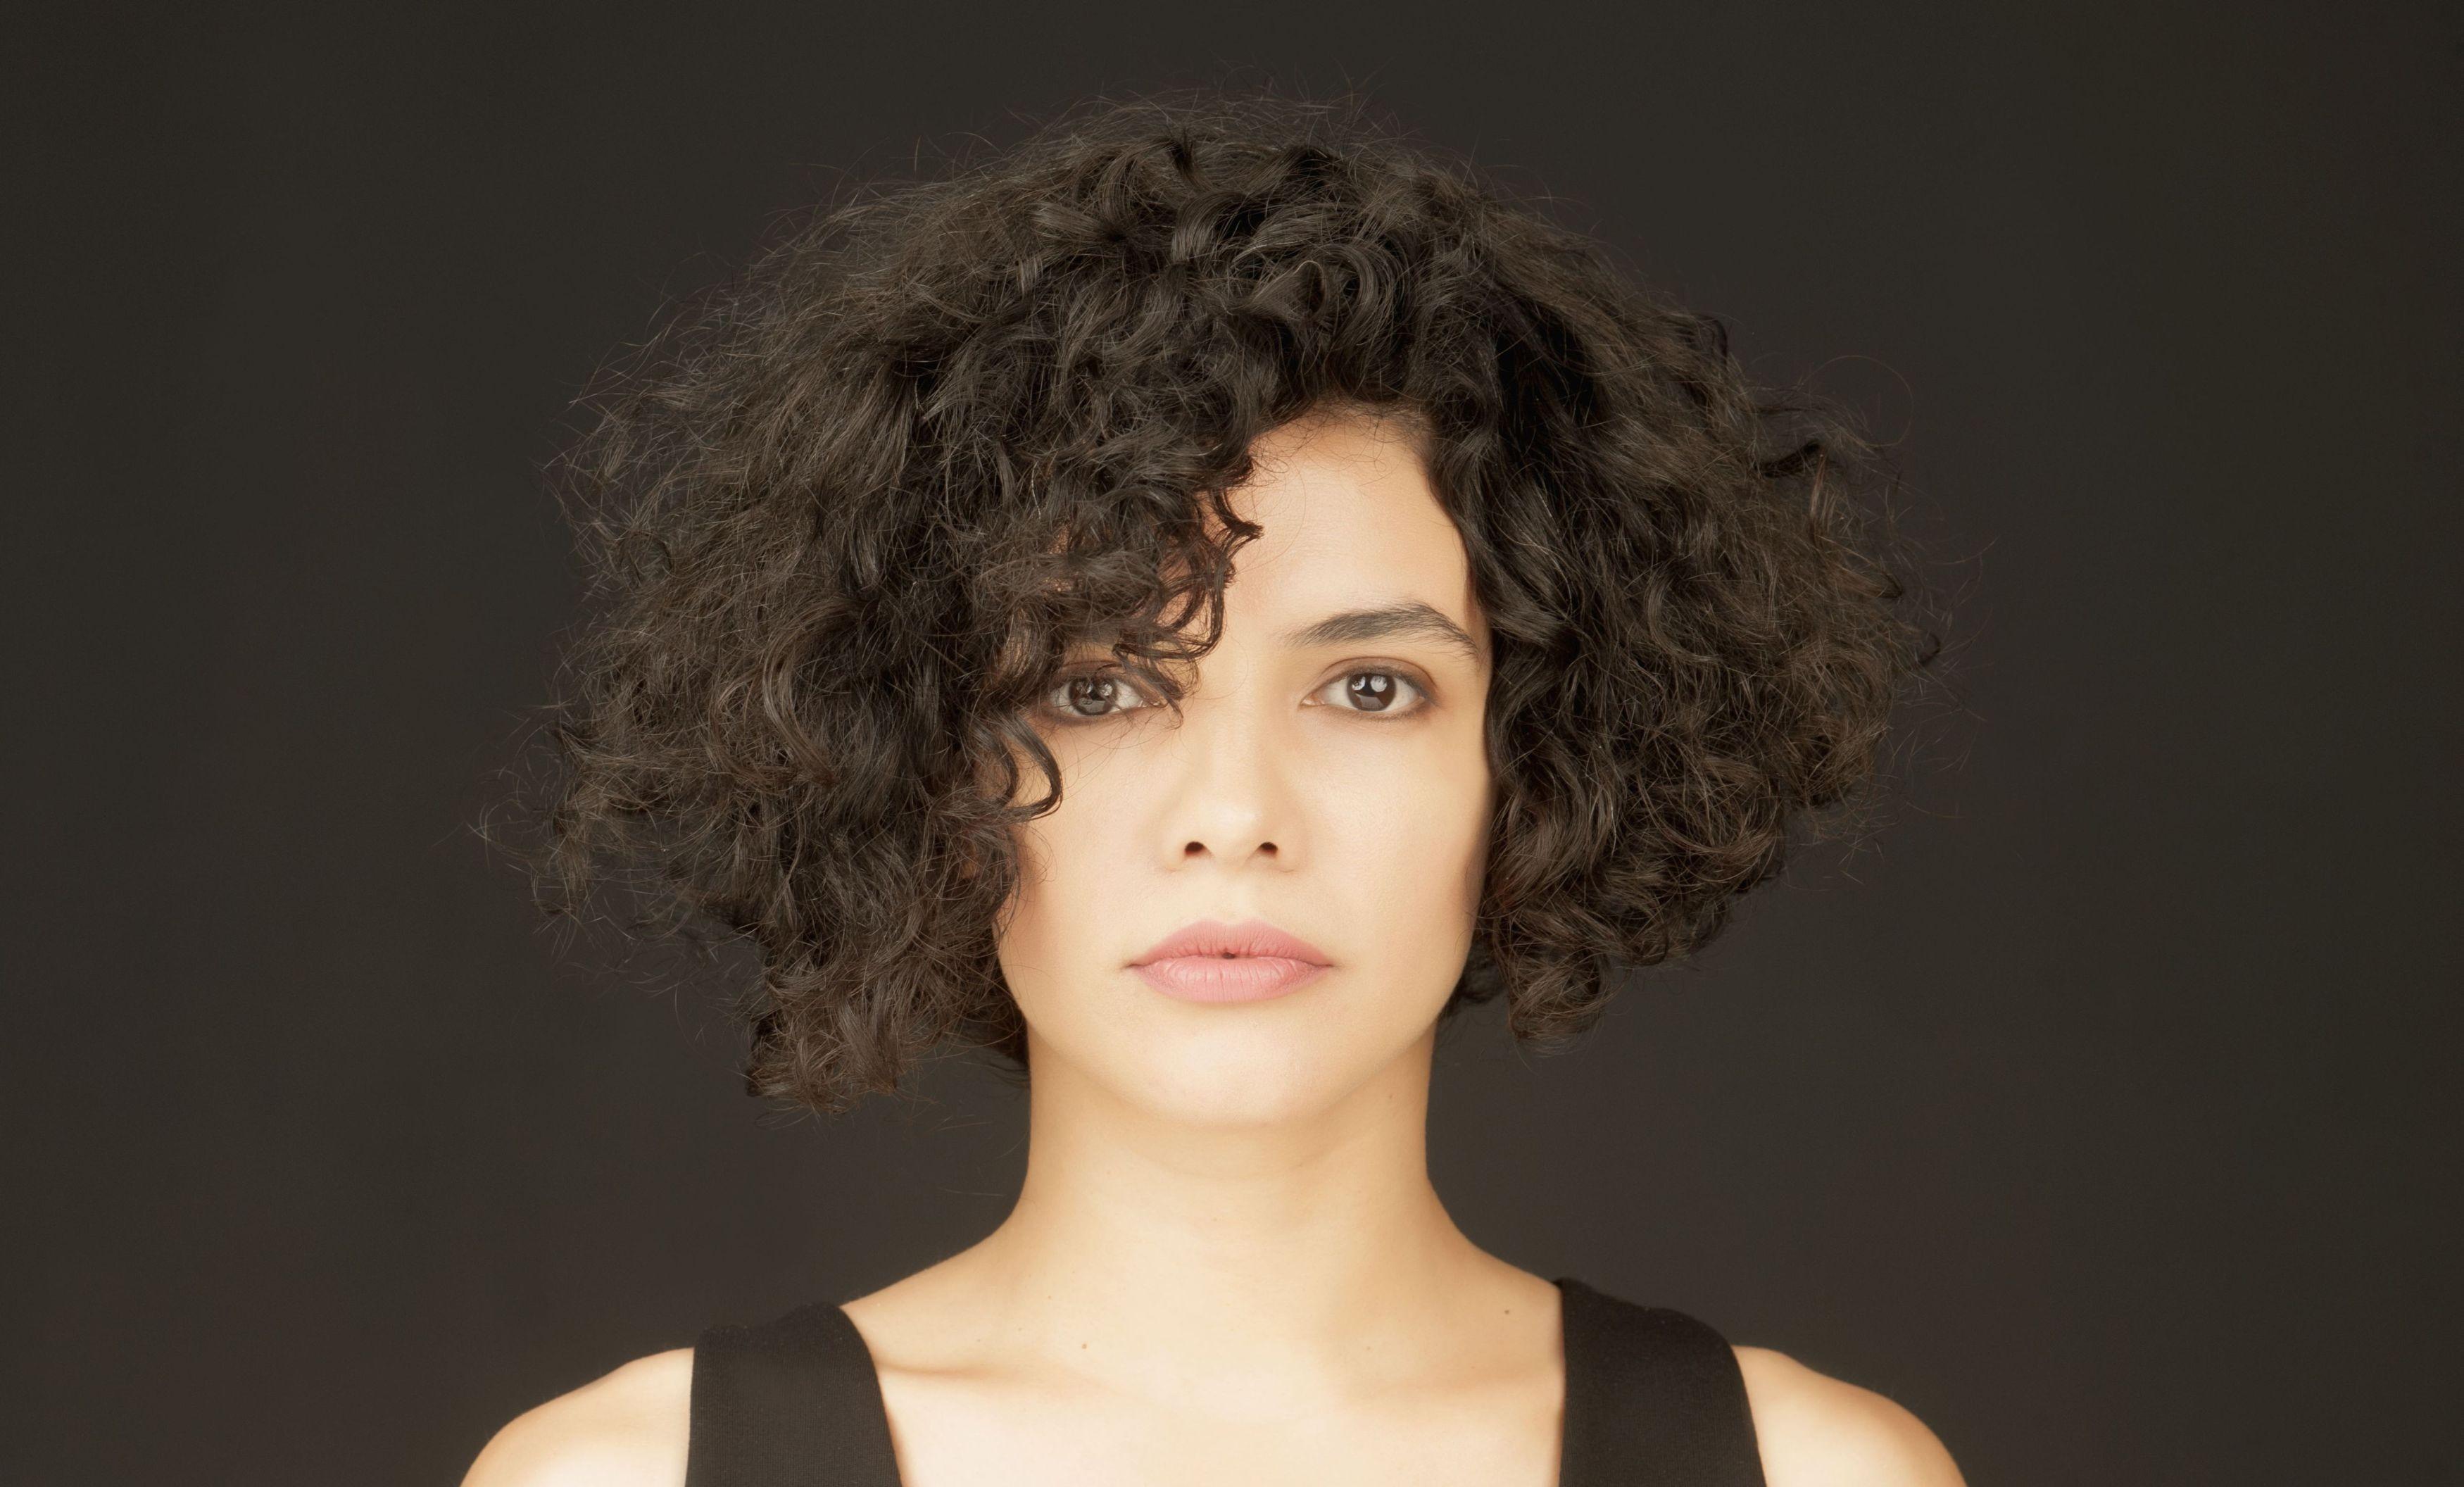 Hintergrundbilder Gesicht Schwarz Frau Modell